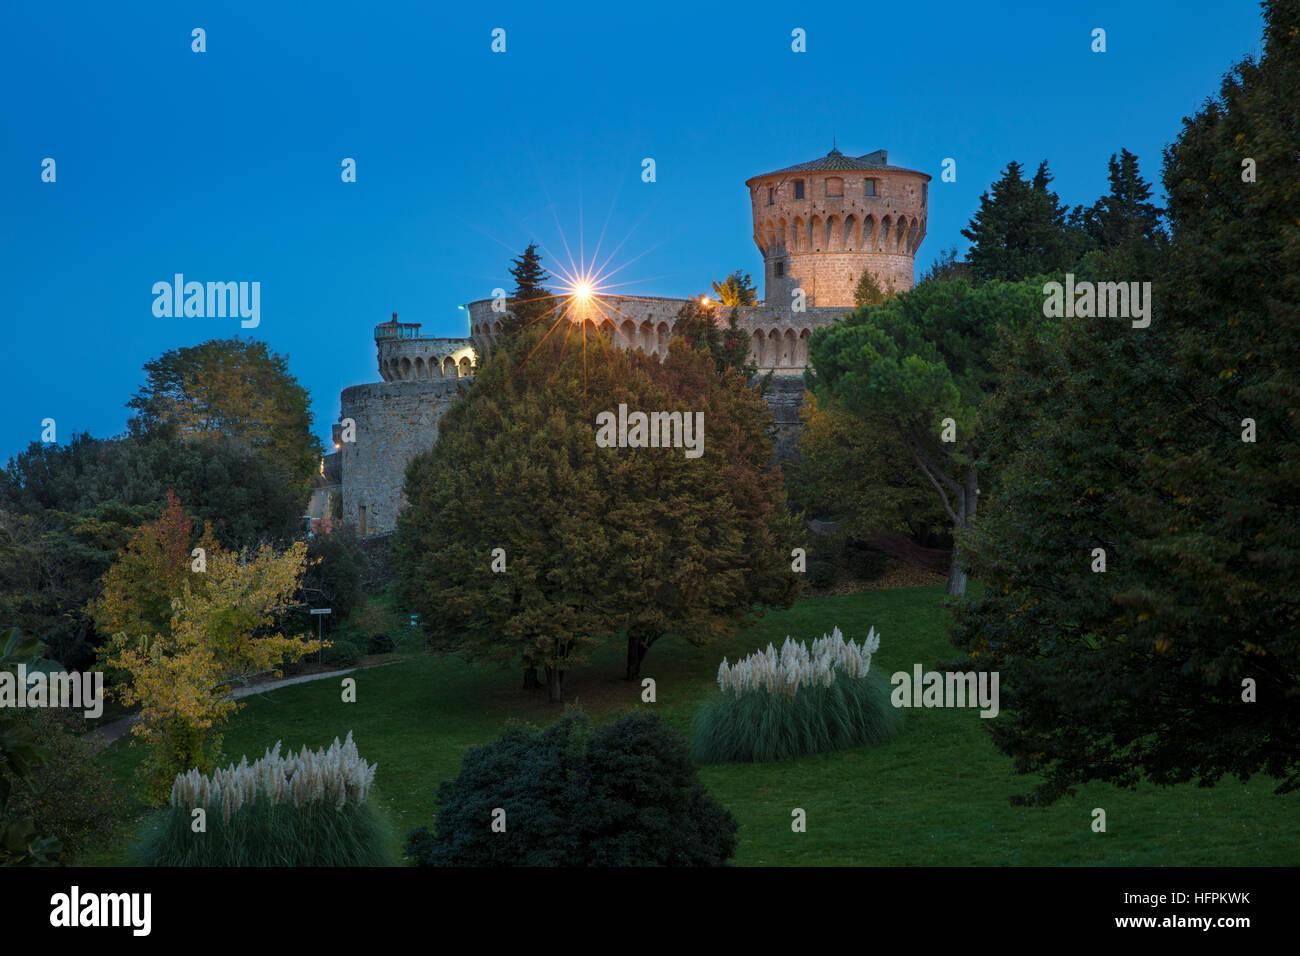 La Fortezza di Volterra in Parco Archeologico 'Enrico Fiumi', Volterra, Tuscany, Italy - Stock Image